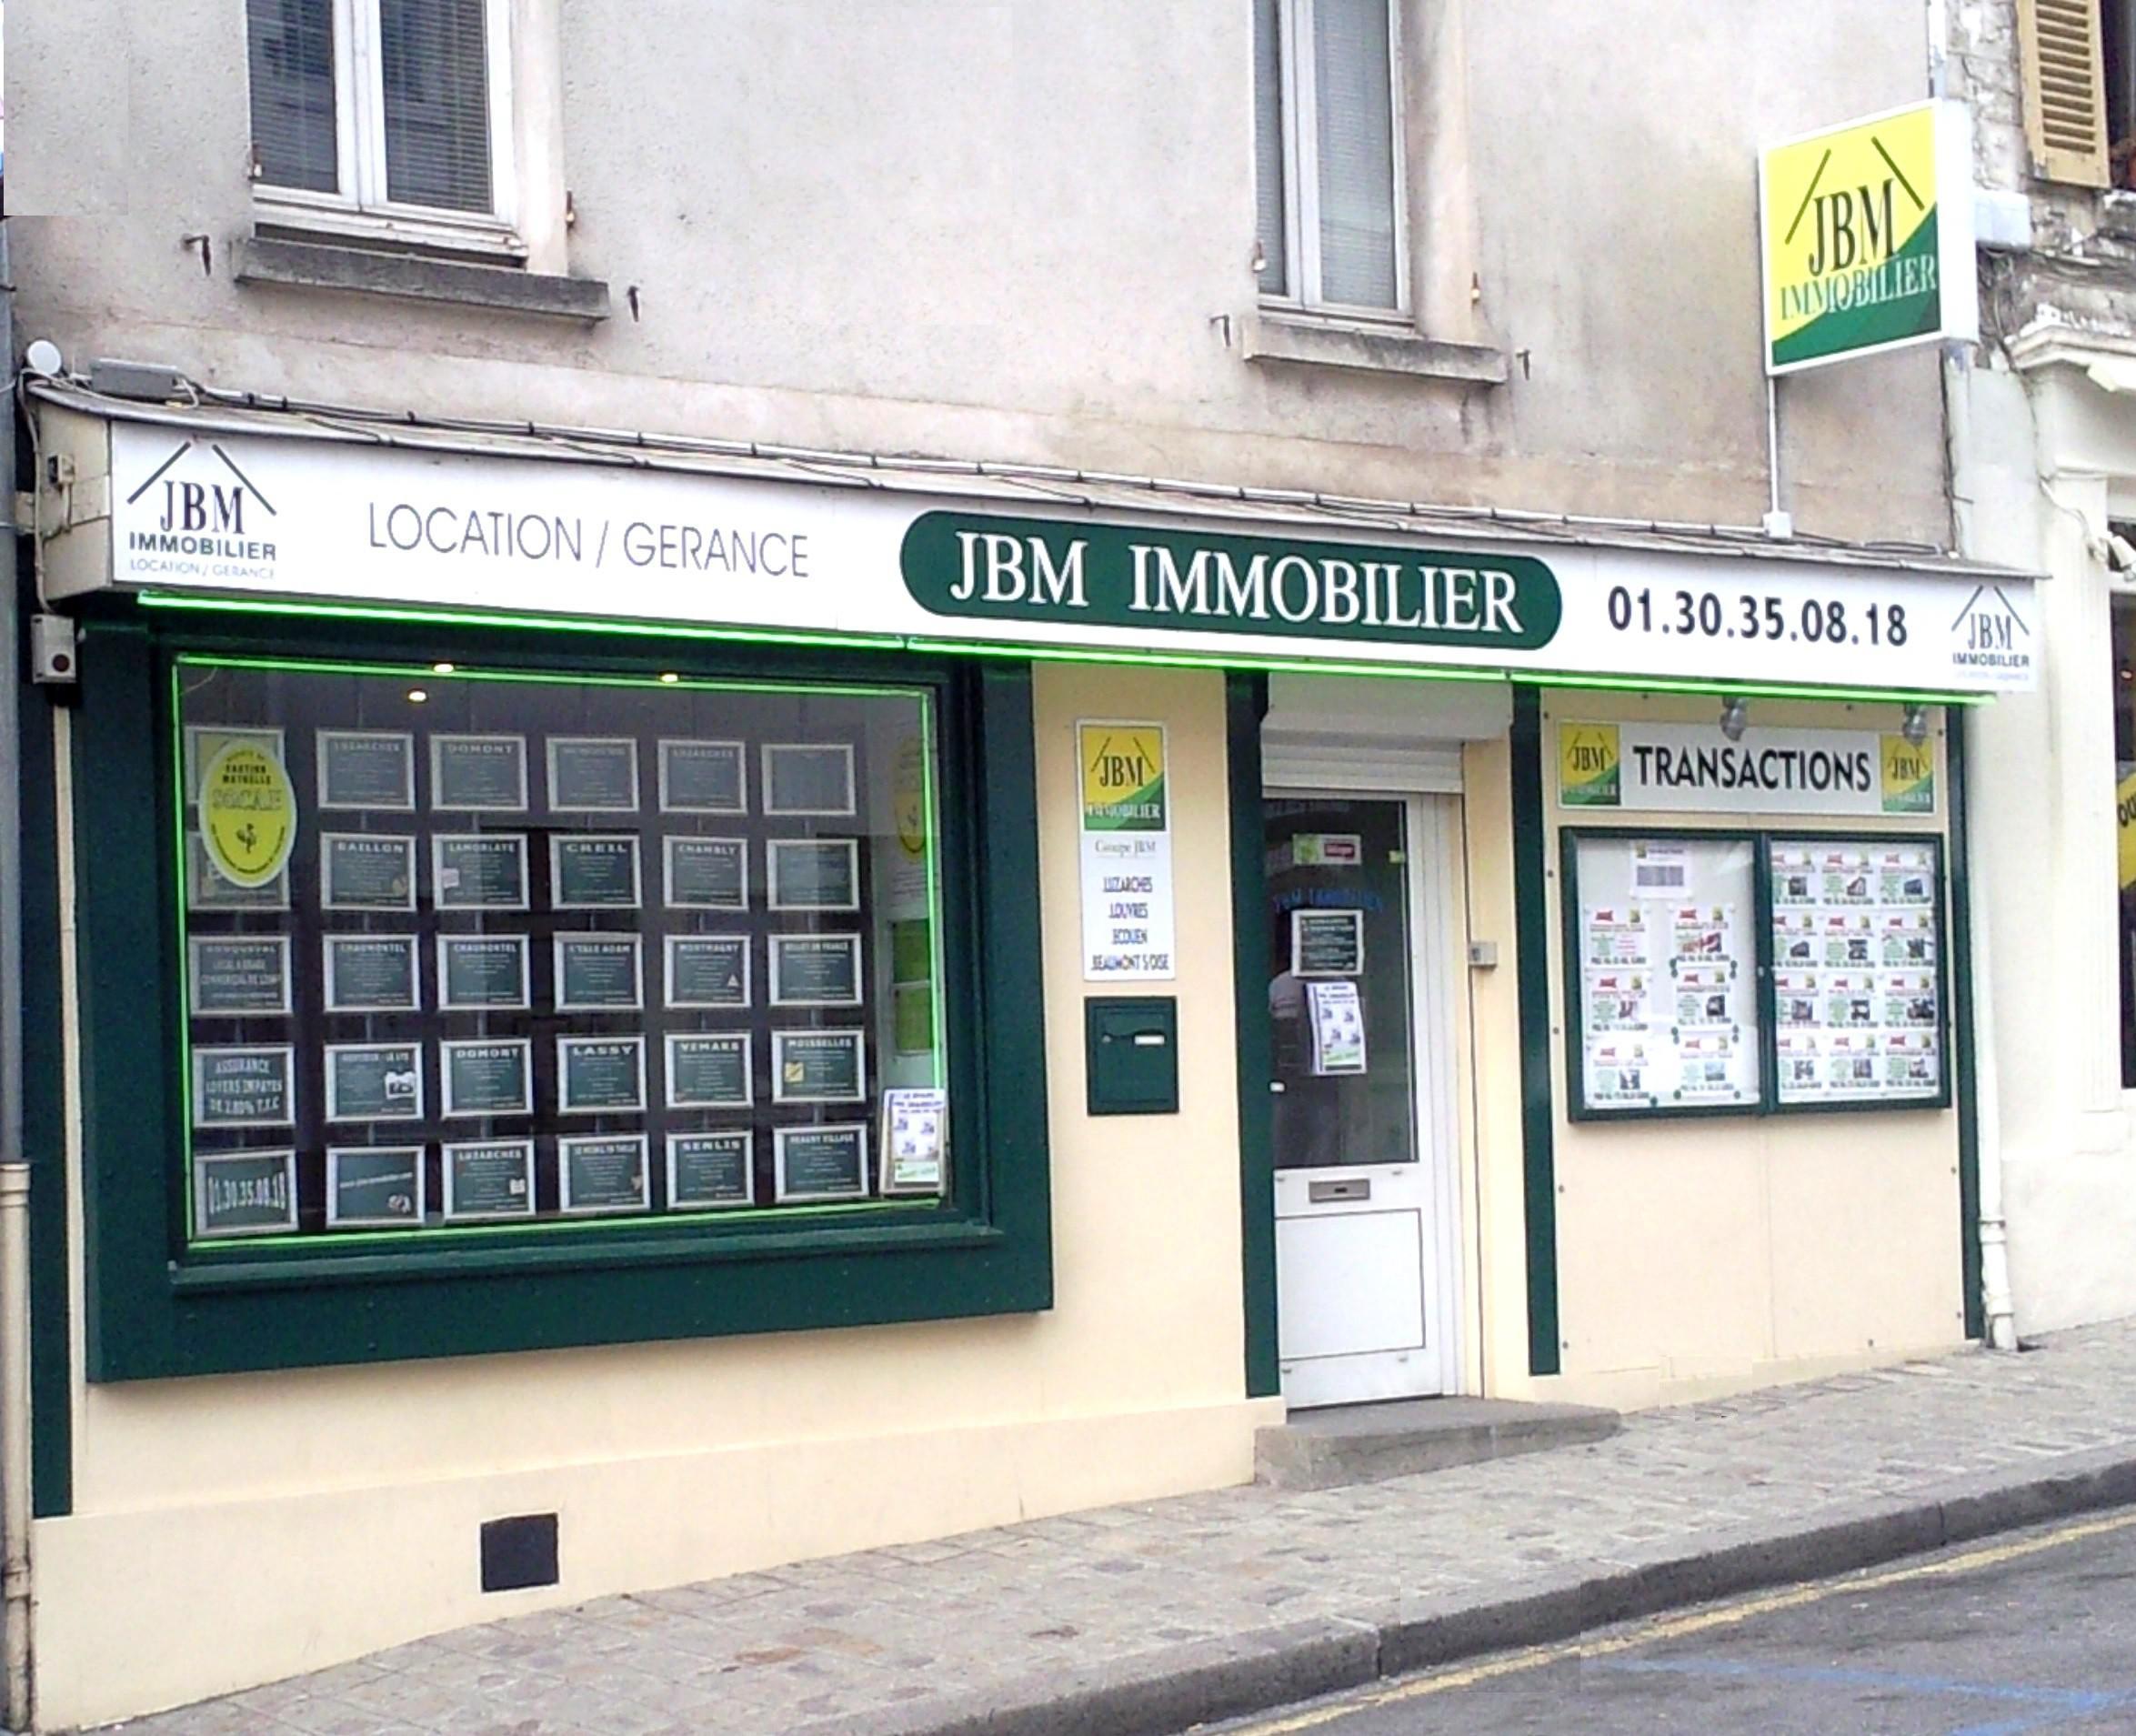 Image de l'agence JBM3 IMMOBILIER